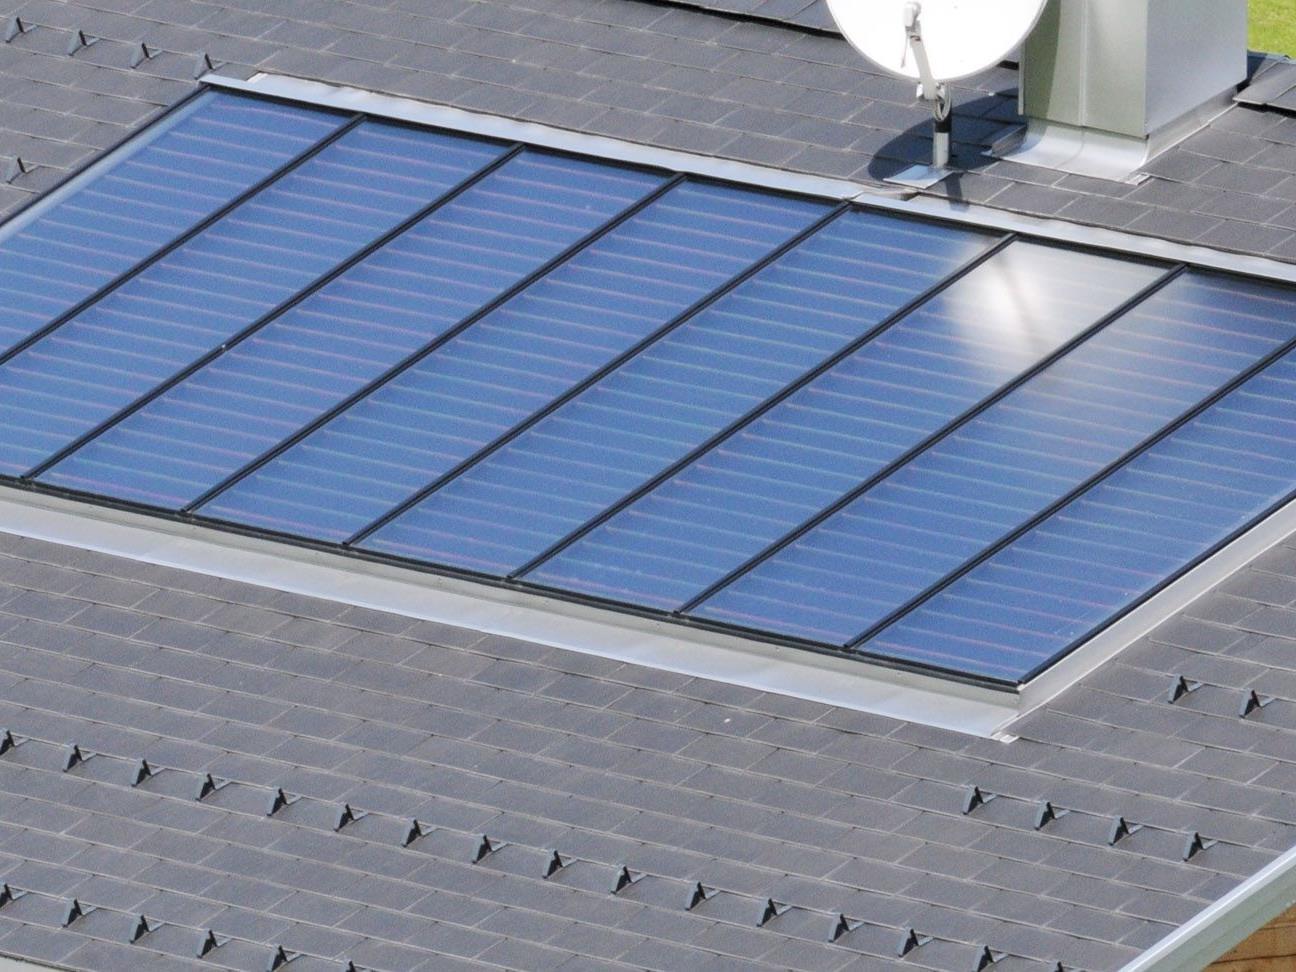 Ab Herbst verfügt Hard über das größte kommunale Solarkraftwerk in der Region.